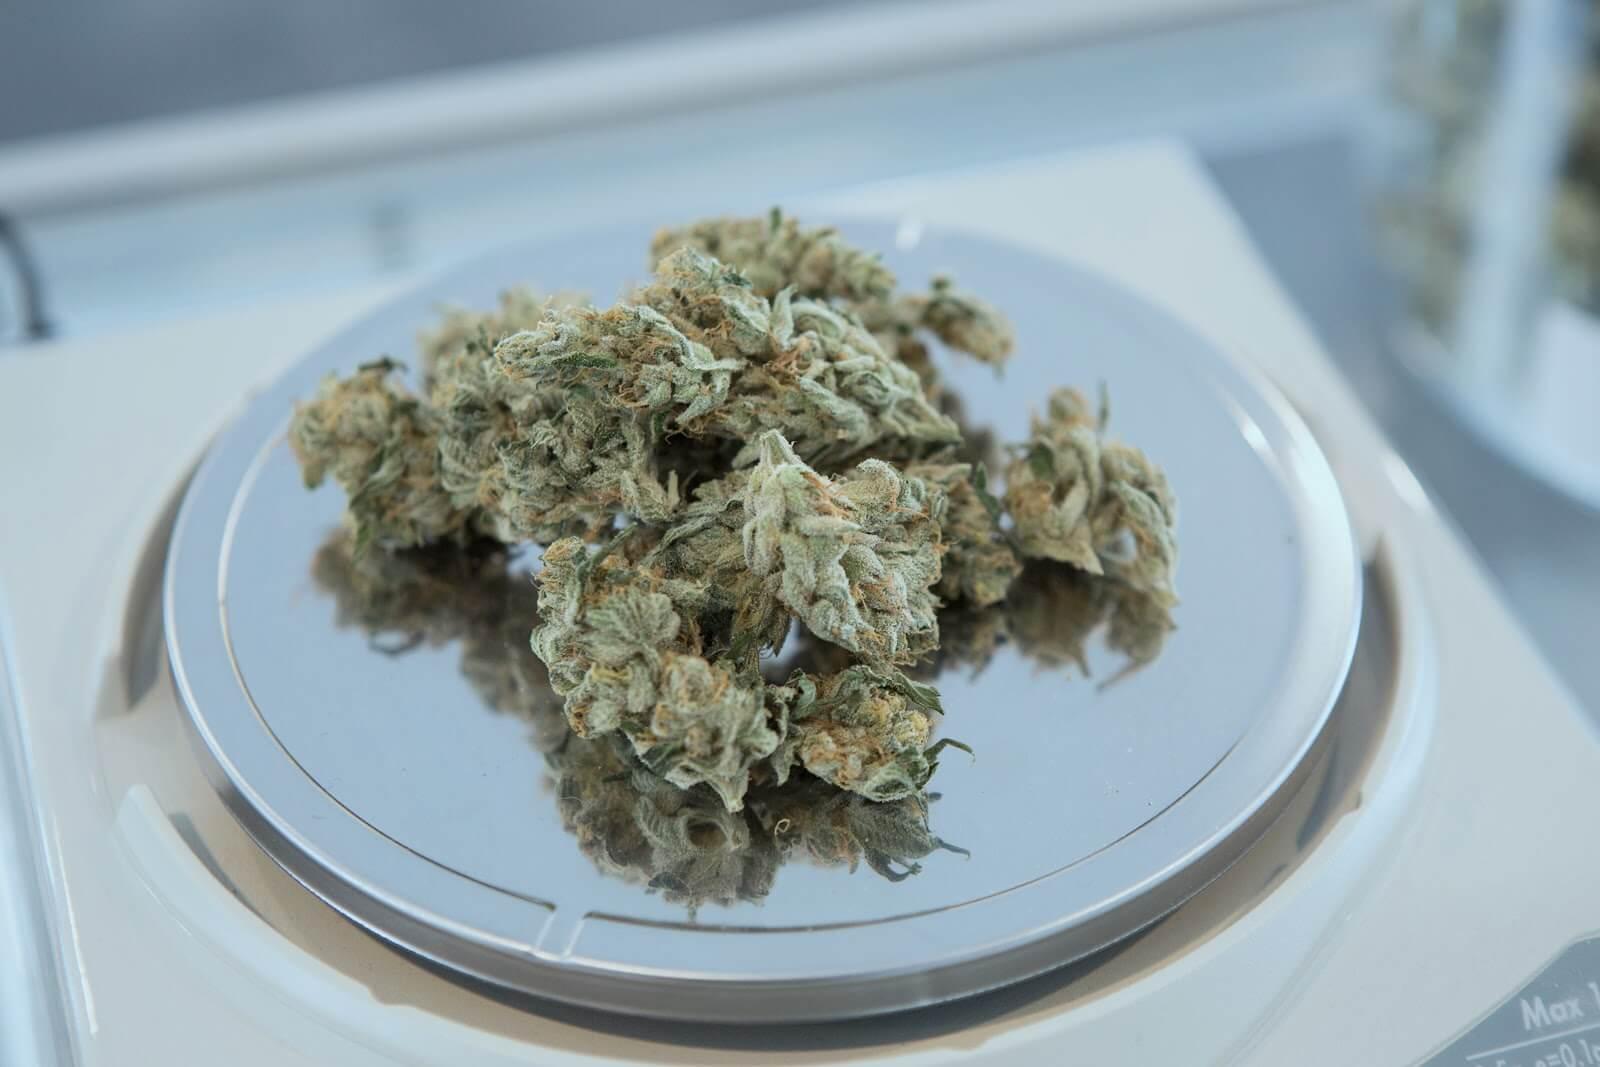 Entrega de marihuana: cogollo a escala